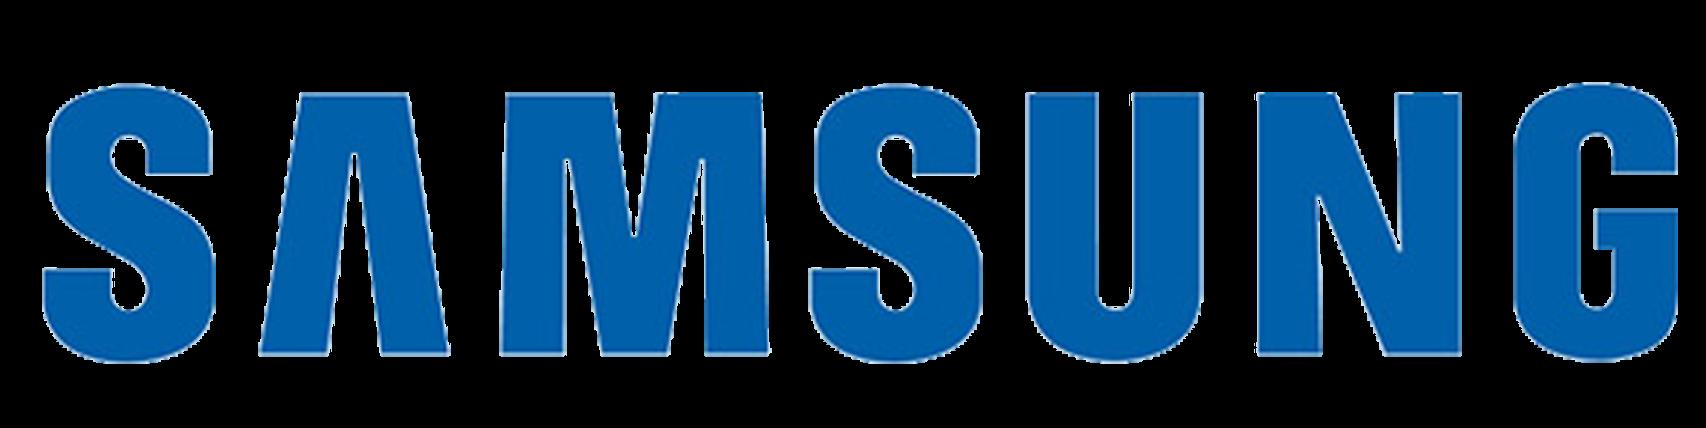 Samsung - Авторизованный сервисный центр